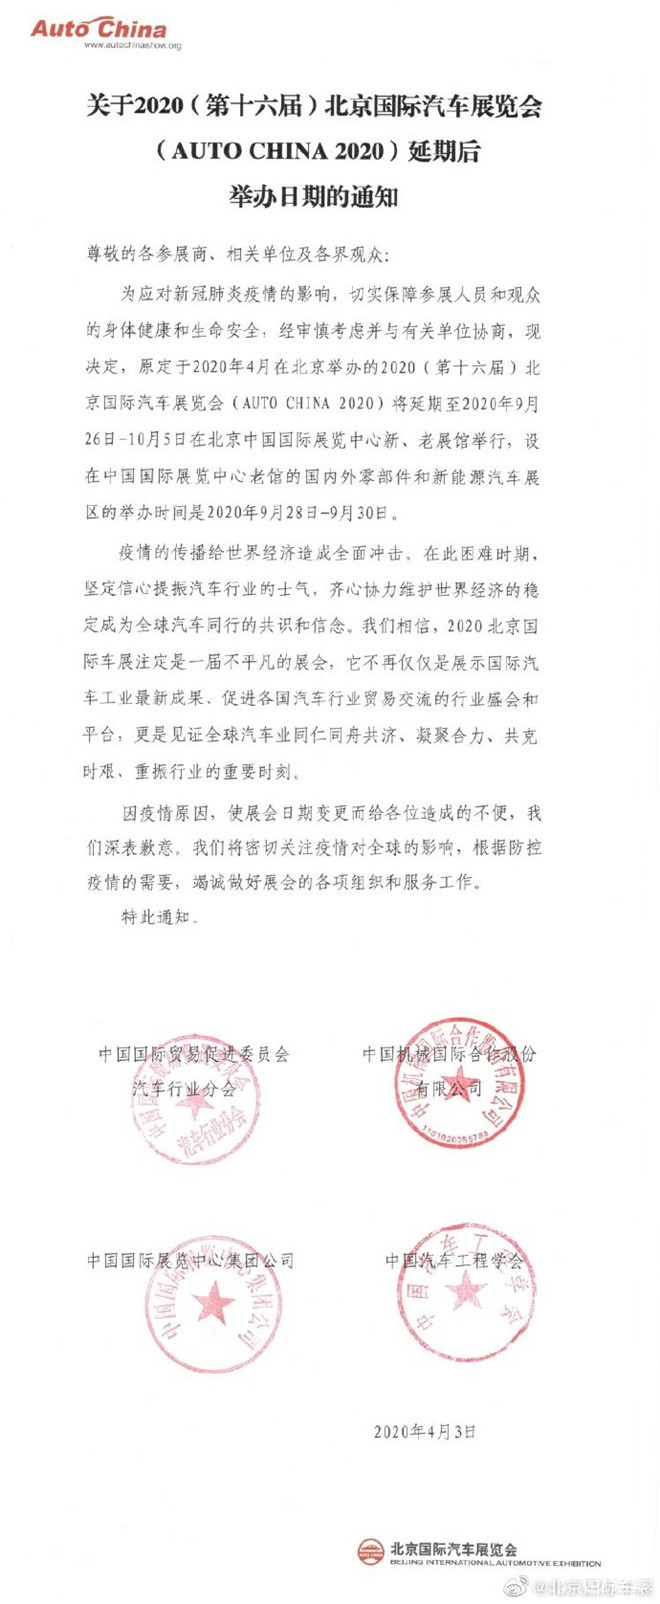 2020(第十六届)北京国际汽车展览会延期后举办日期通知